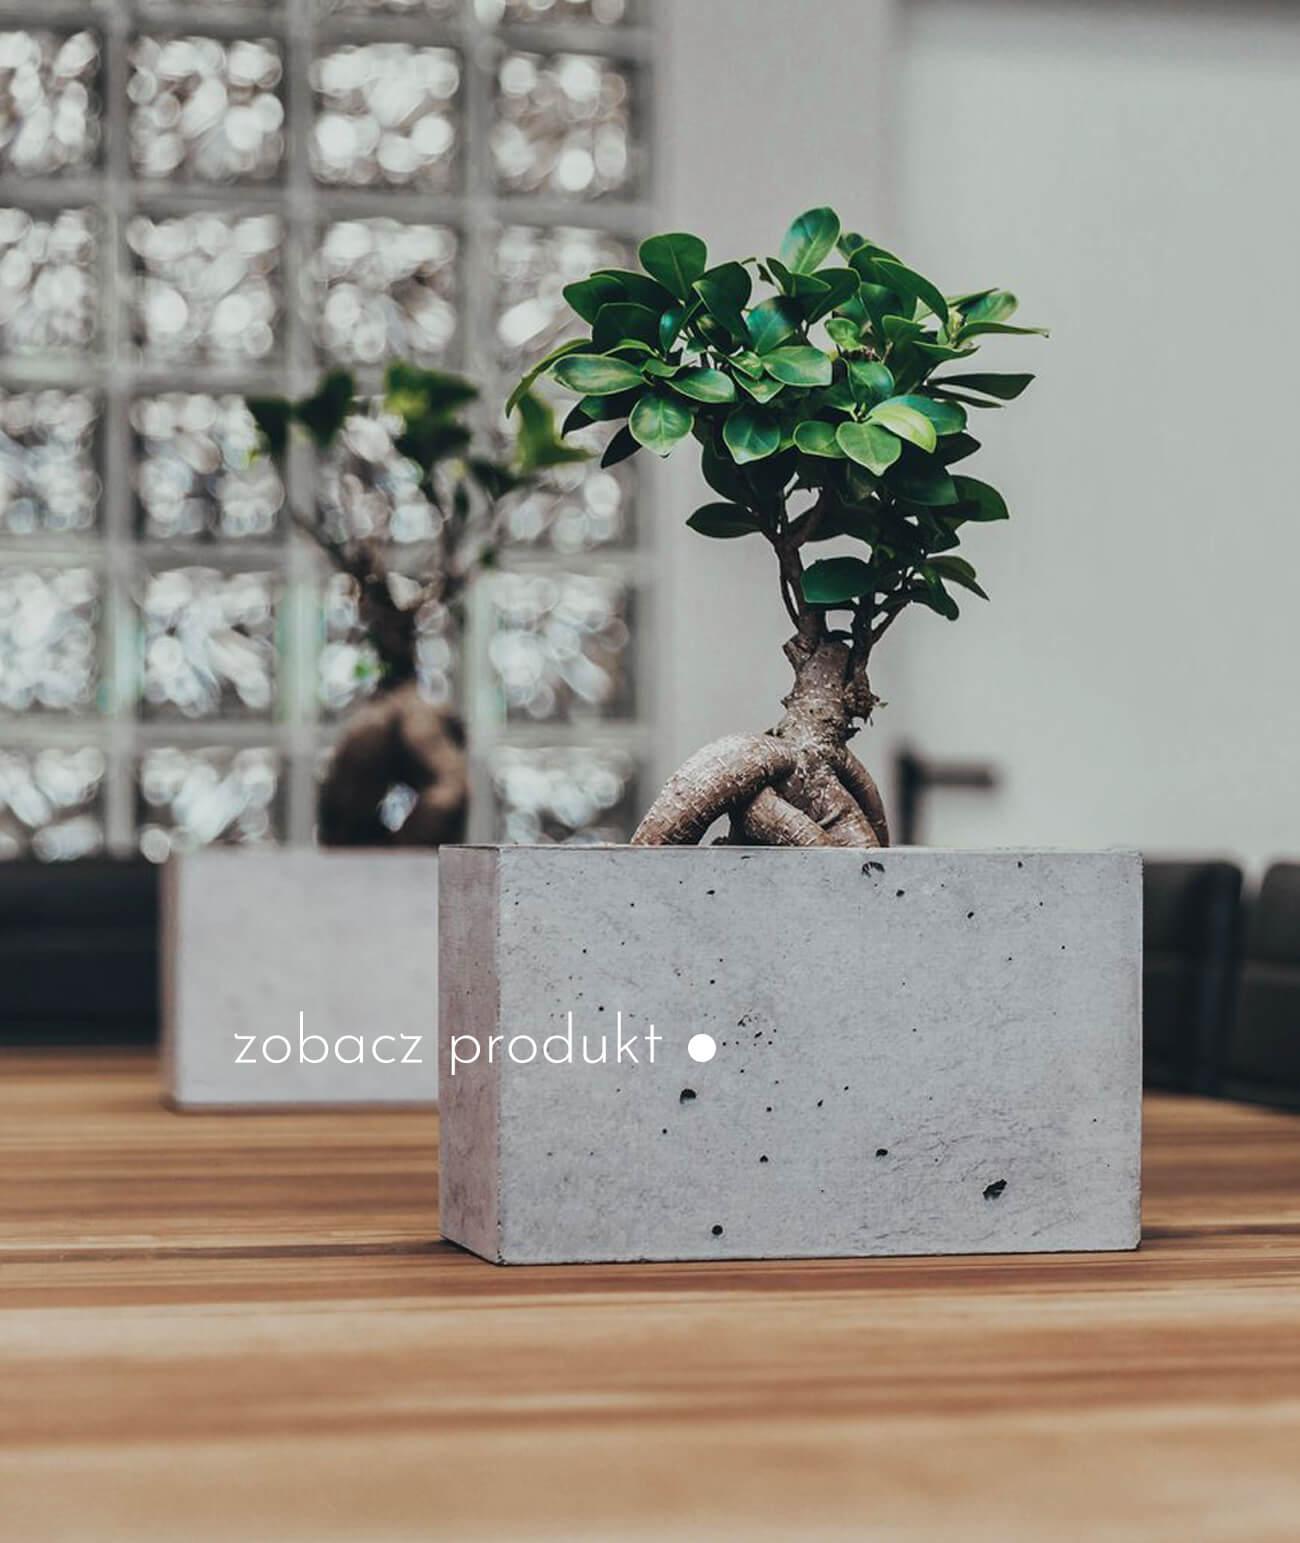 doniczki-donice-betonowe_989-21286-donica-betonowa-szara-donica-ogrodowa-beton-architektoniczny